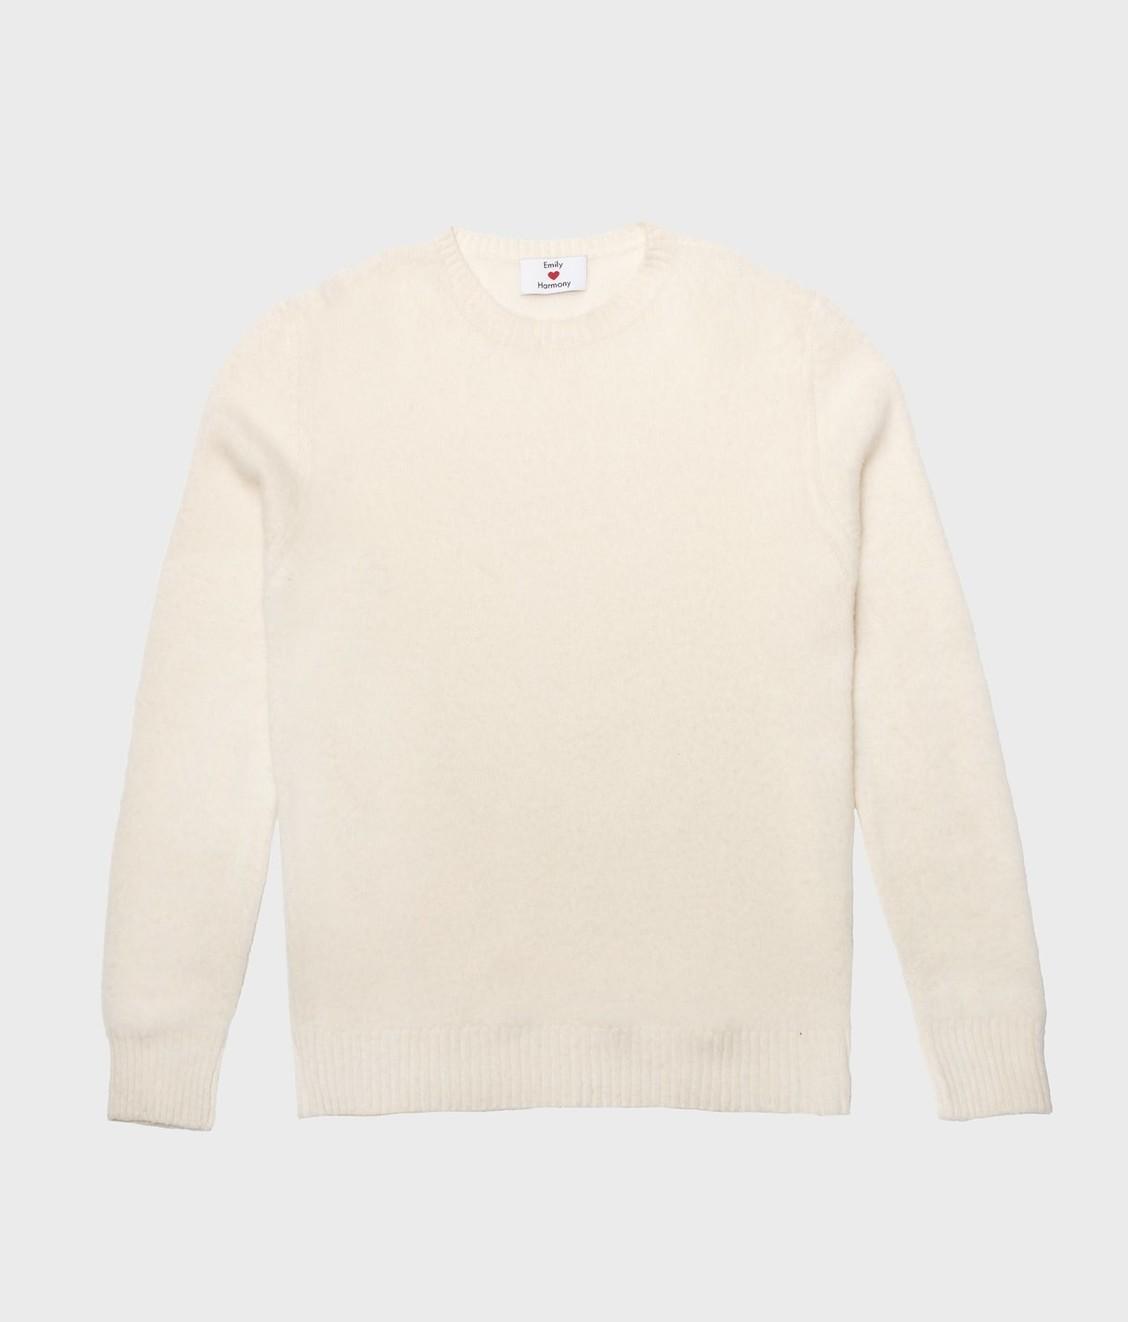 Harmony X Emily Winston Knit Cream